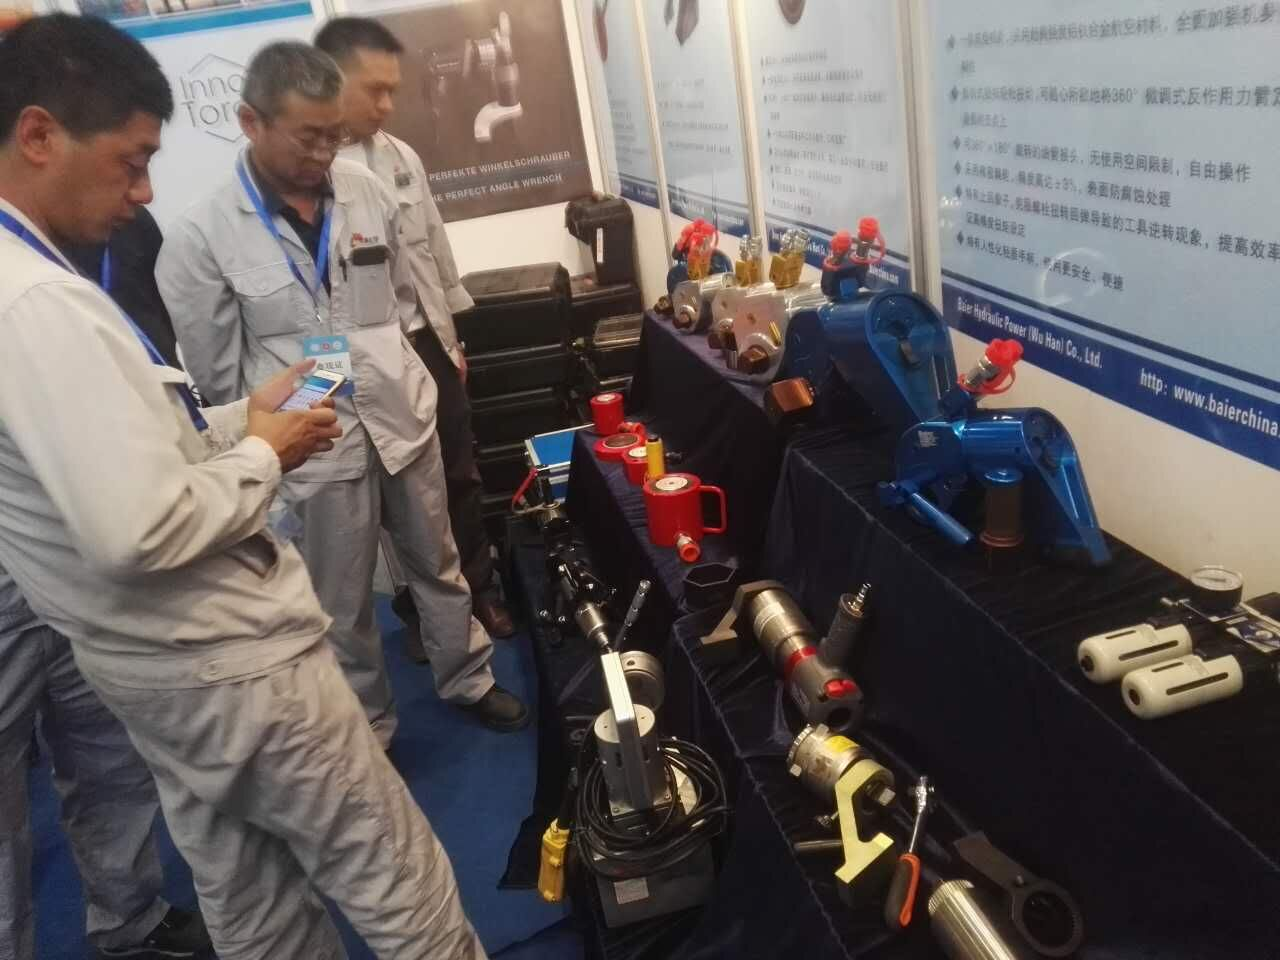 拜尔集团参与第三届2017新疆电力及石化展会